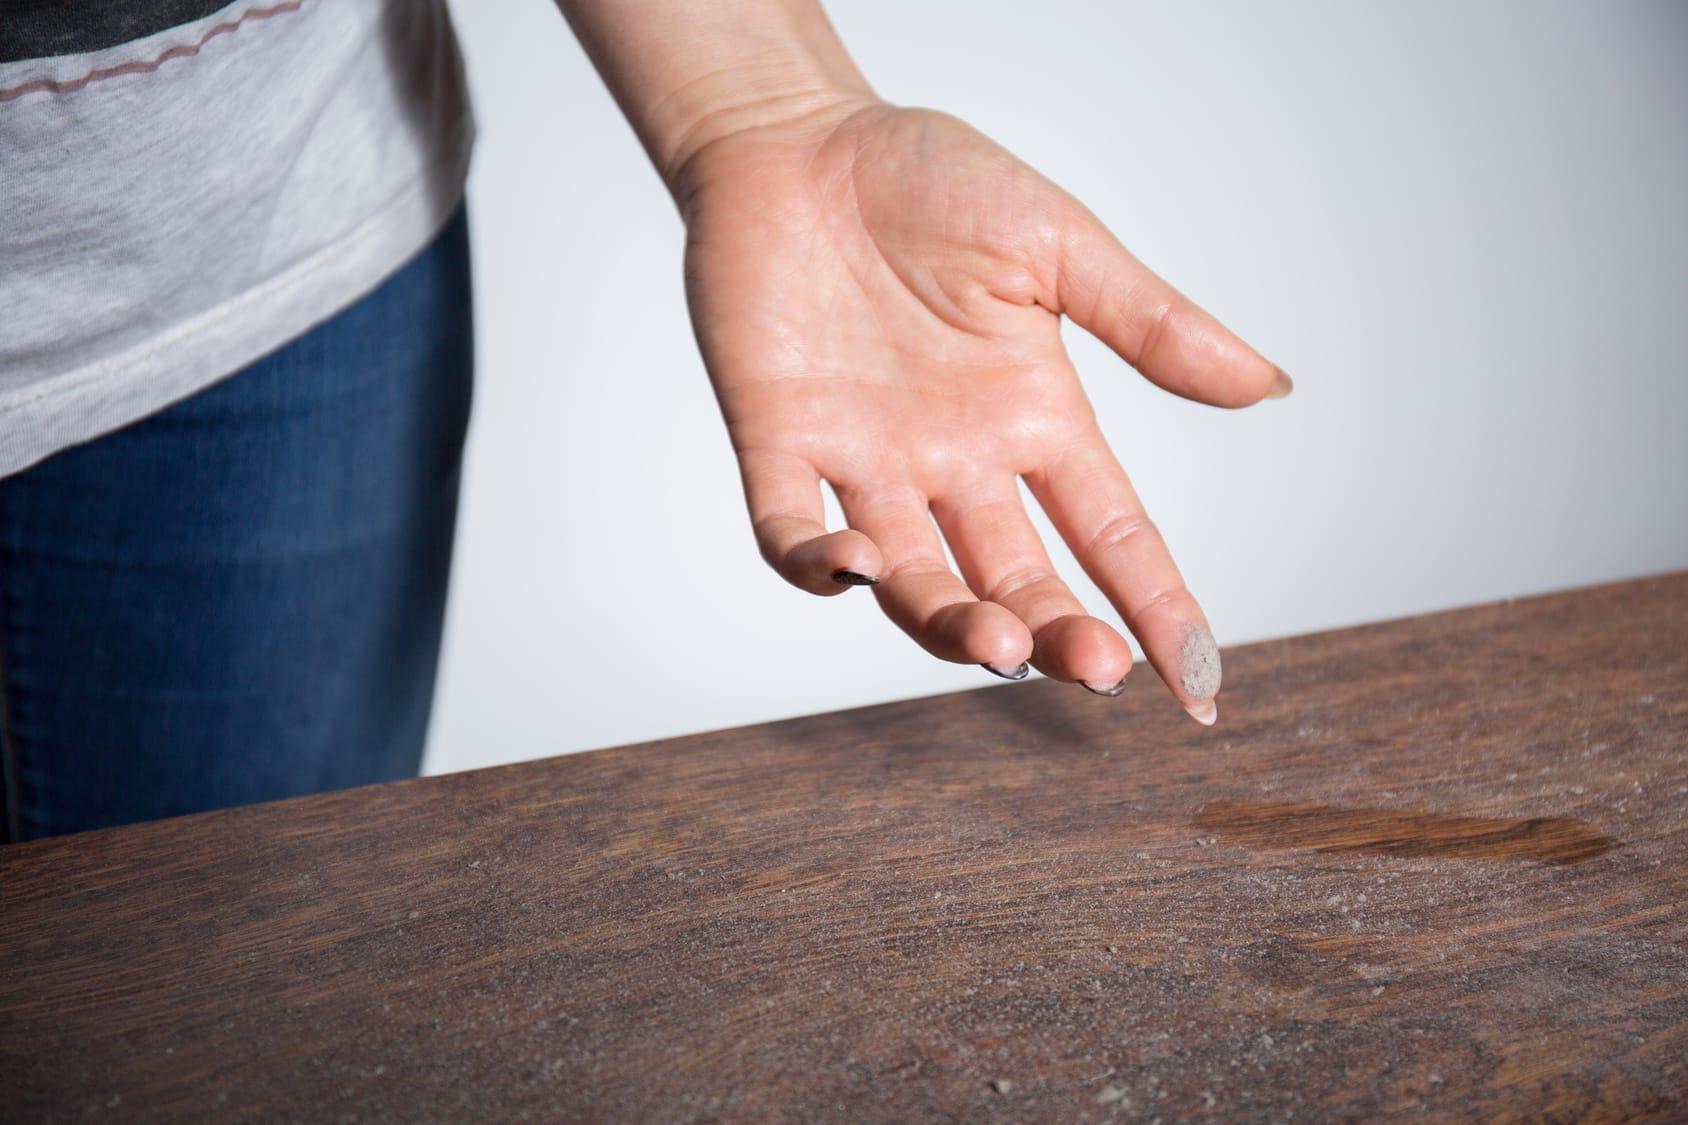 Staub in der Wohnung vermeiden - 5 Tipps & Tricks - Haushaltstipps.net